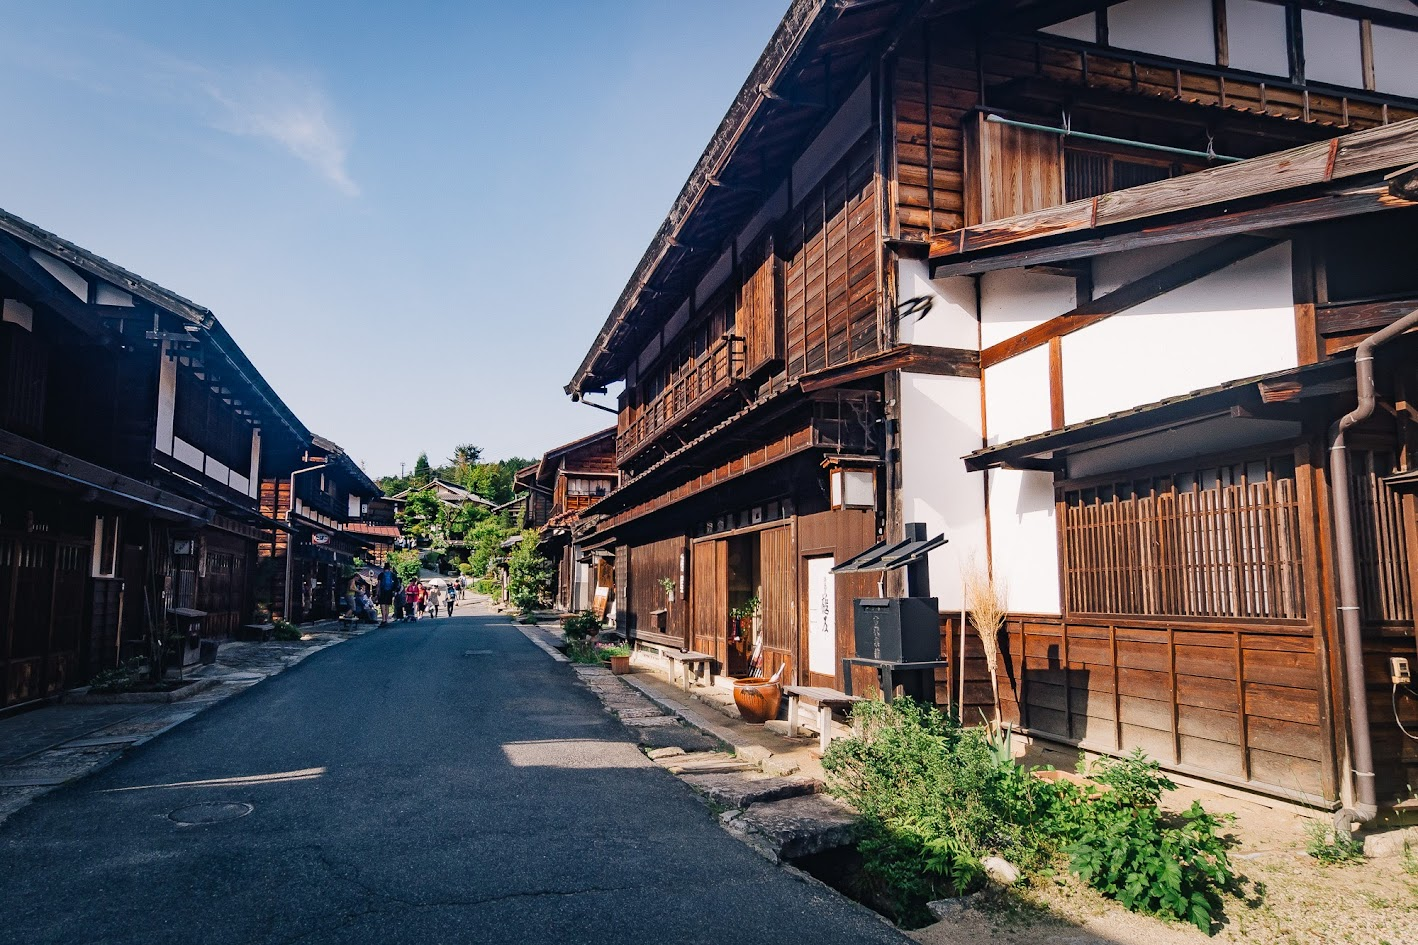 เดินป่าญี่ปุ่น : จาก Magome ถึง Tsumago